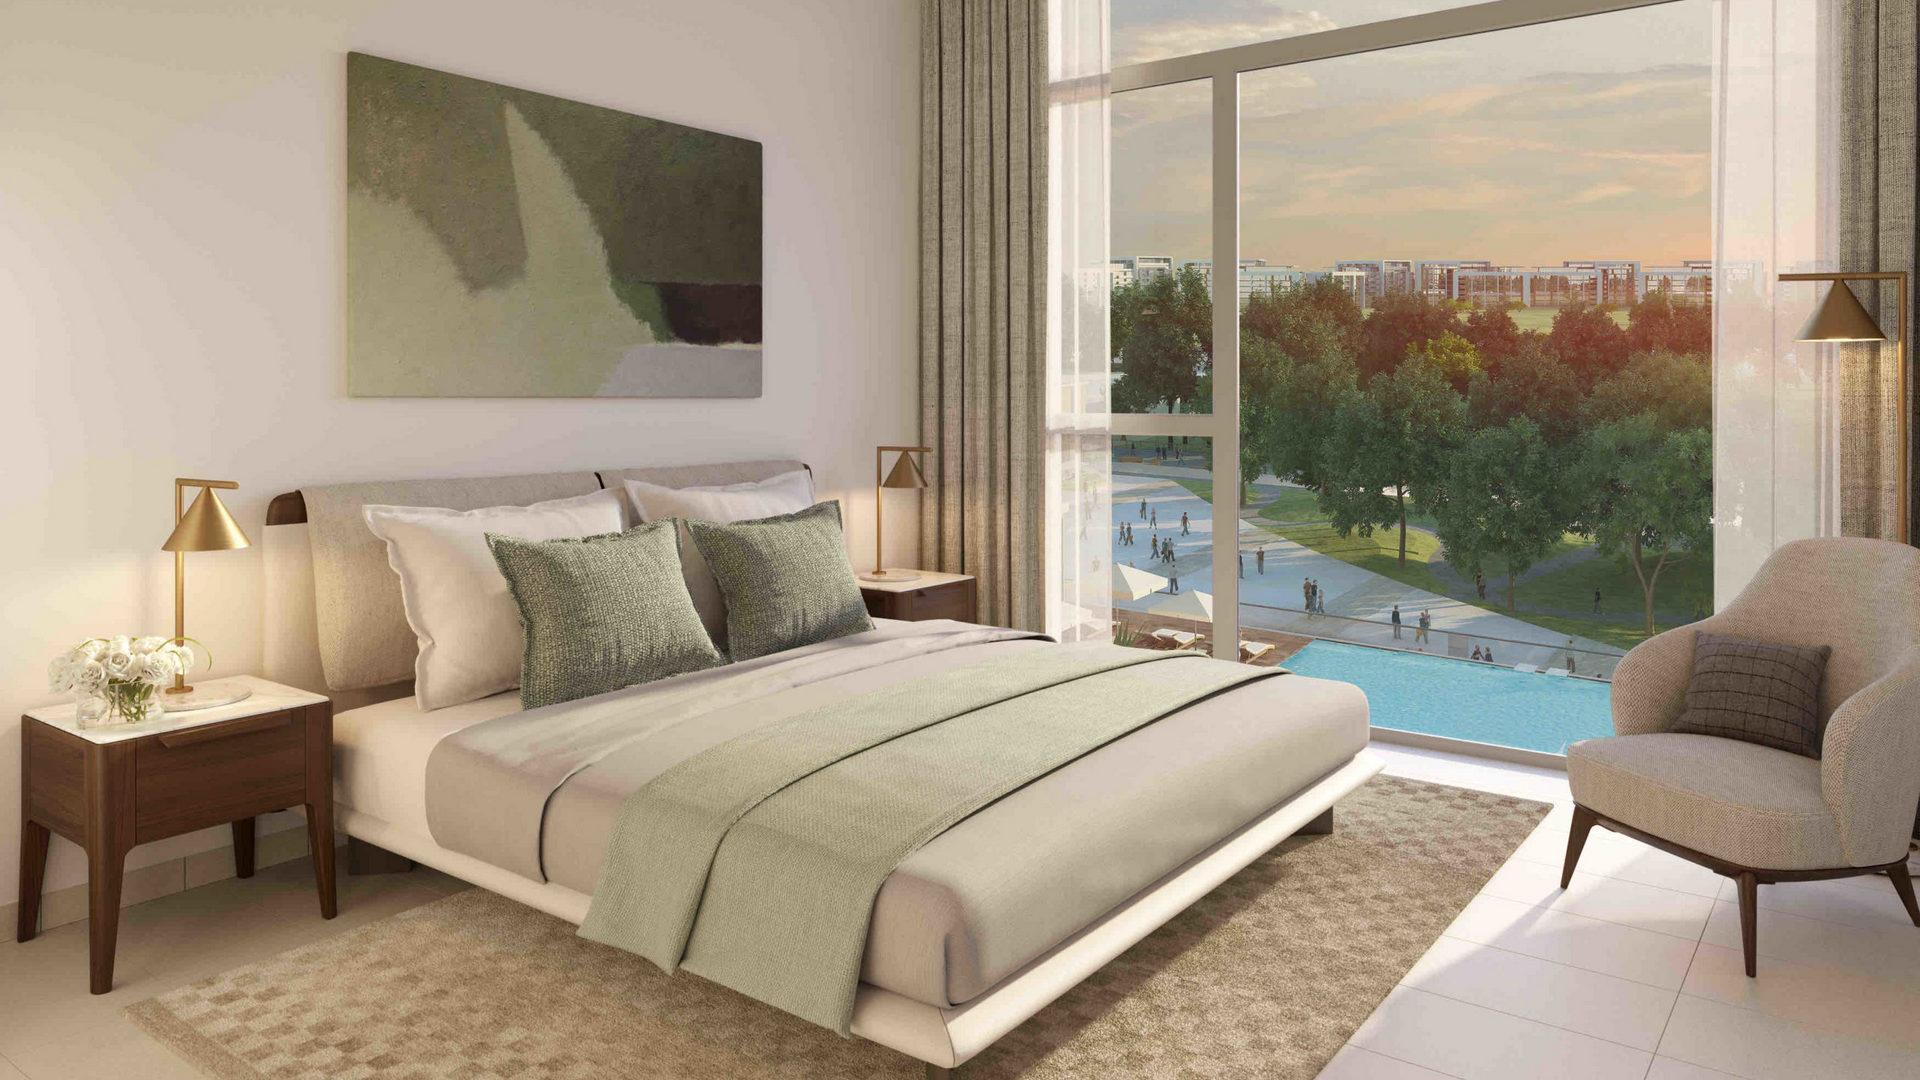 Apartamento en venta en Dubai, EAU, 3 dormitorios, 147 m2, № 24272 – foto 1